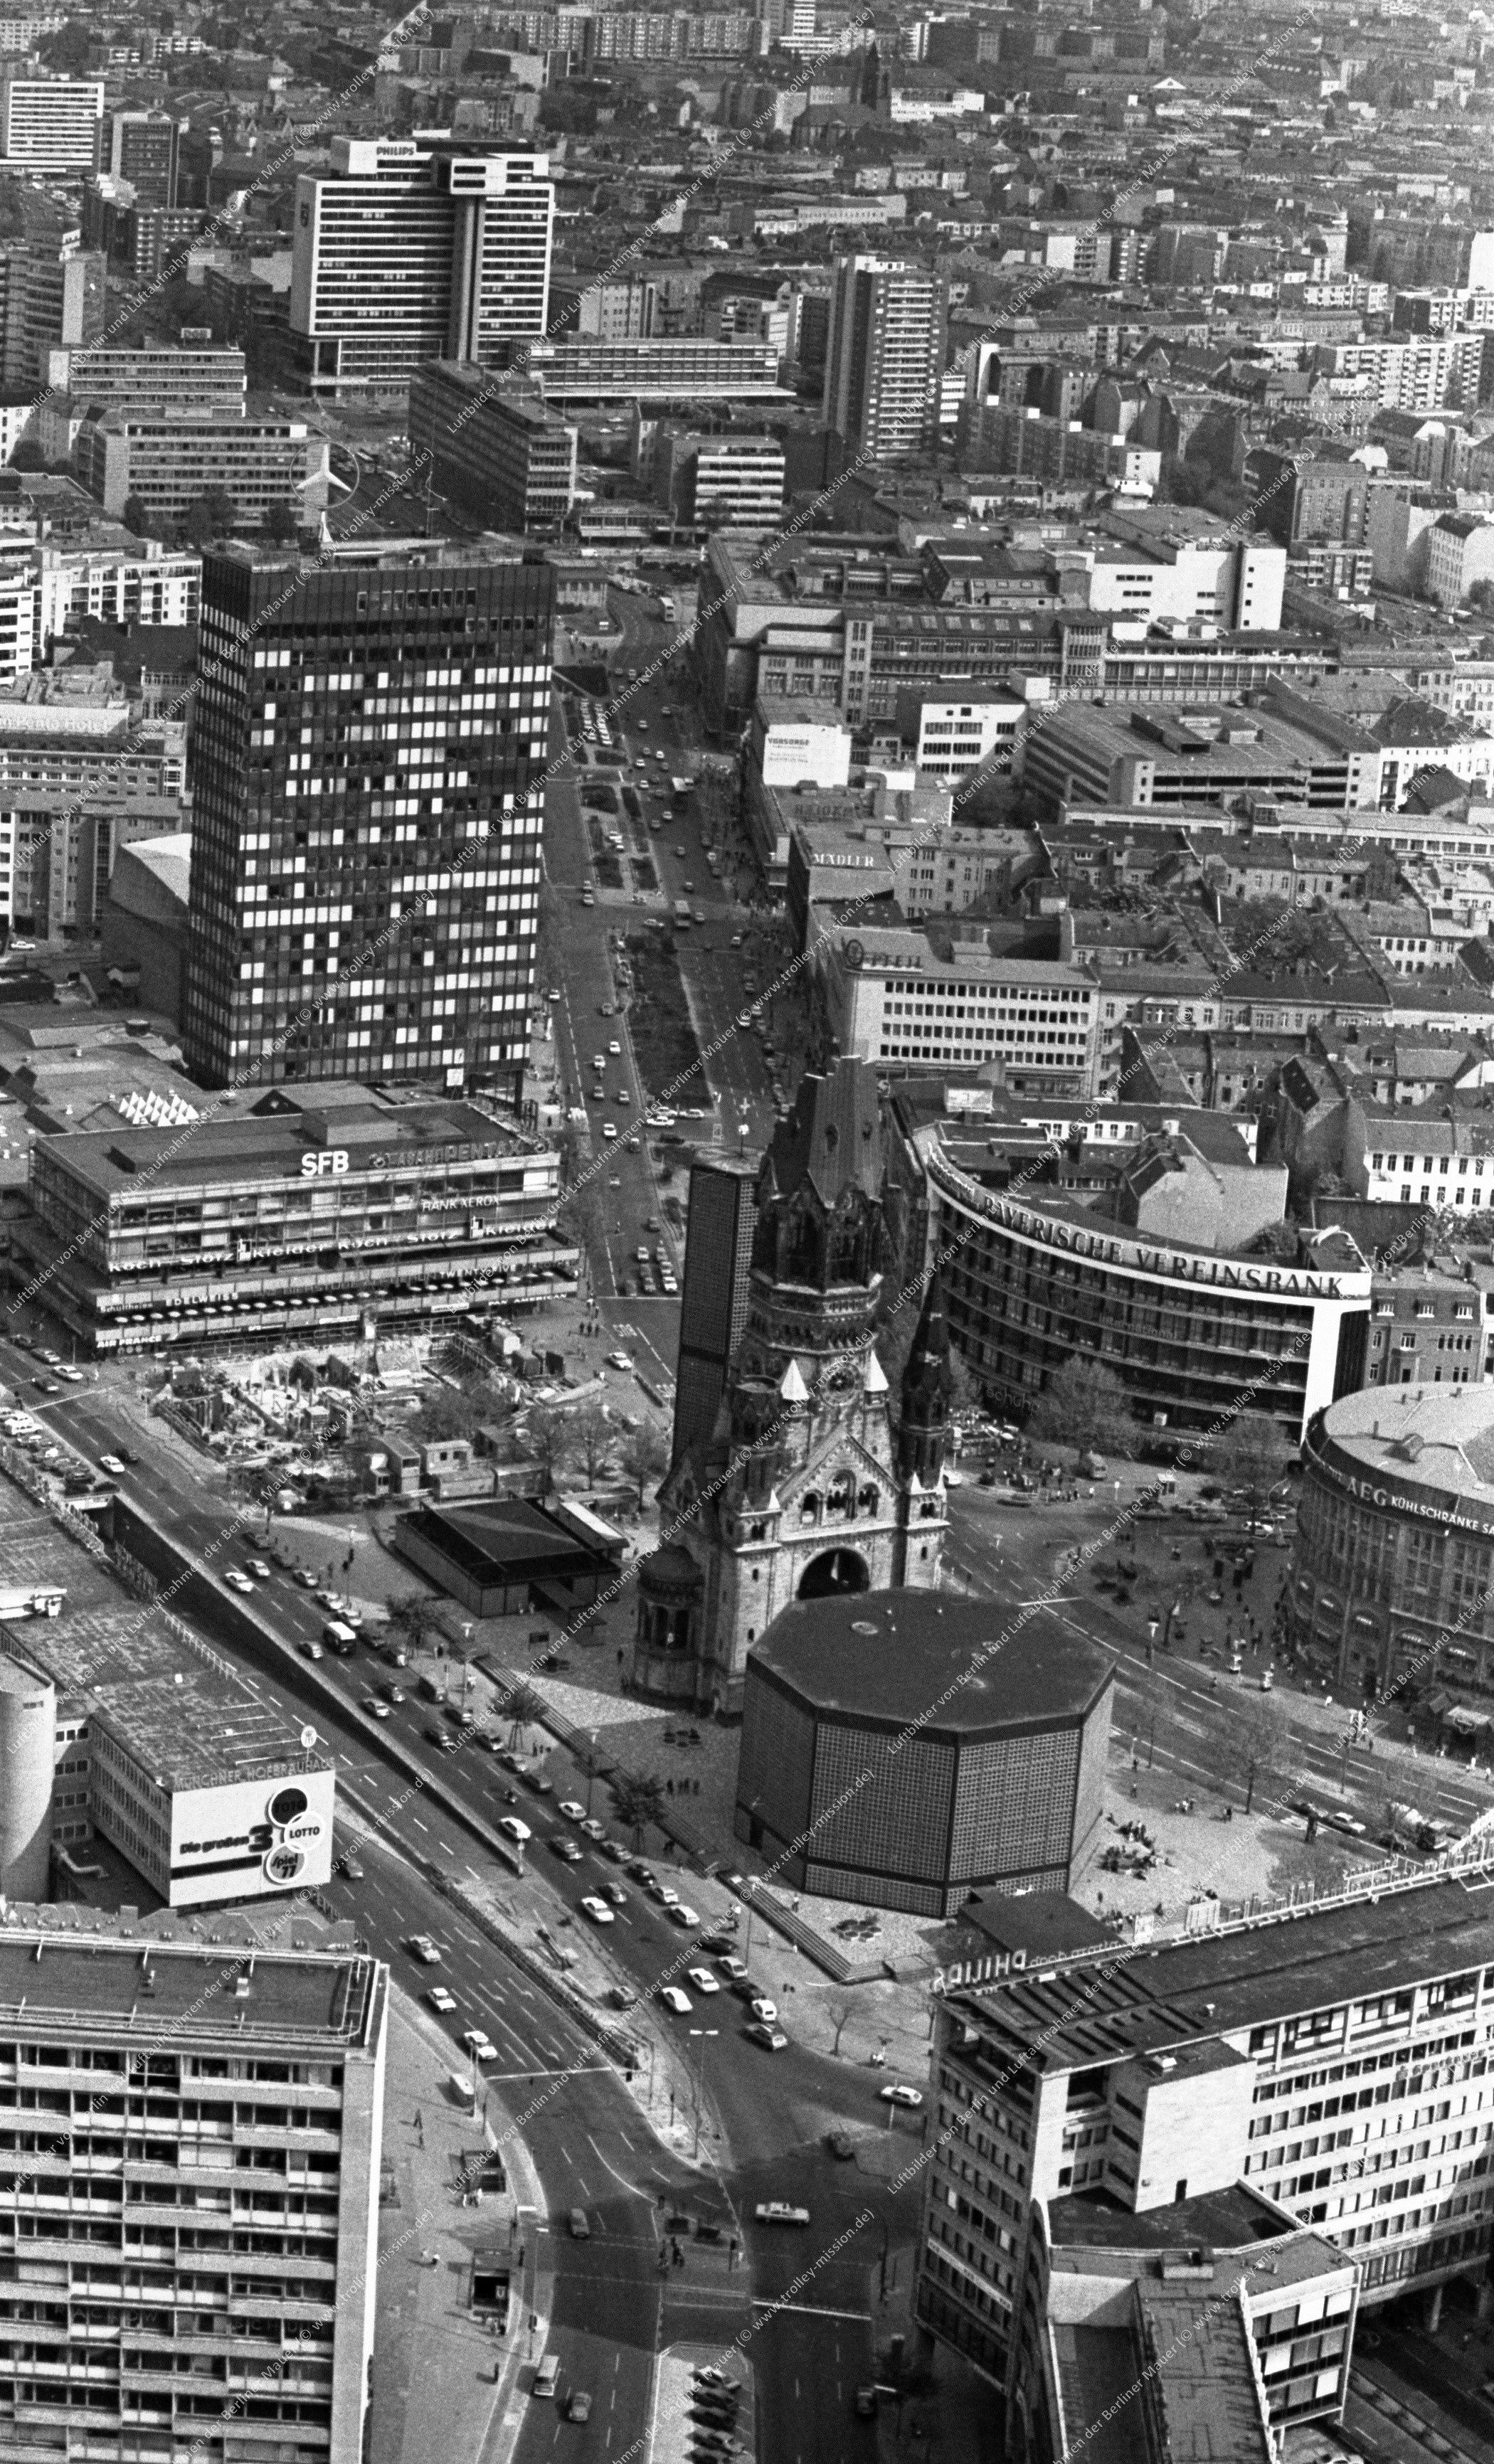 Berlin Luftbild Kaiser-Wilhelm-Gedächtniskirche vom 12. Mai 1982 (Bild 084)